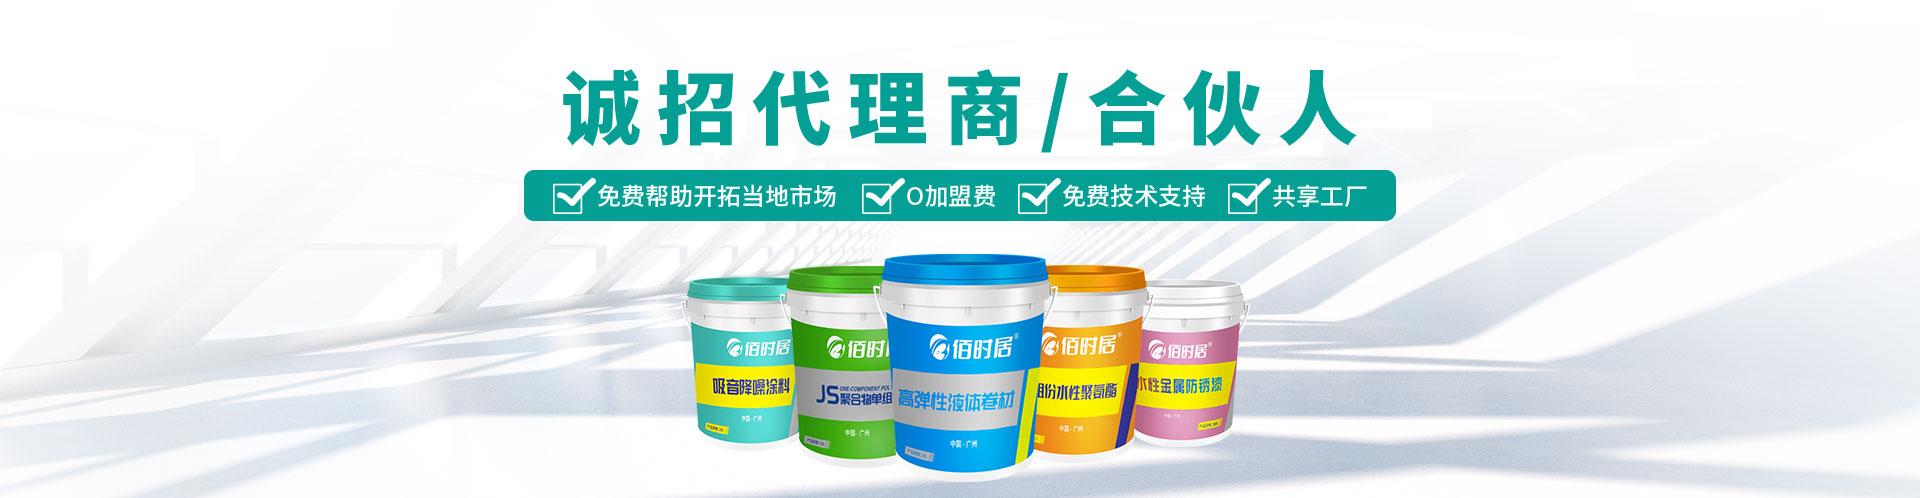 工程防水材料招商加盟,诚招合伙人/代理商